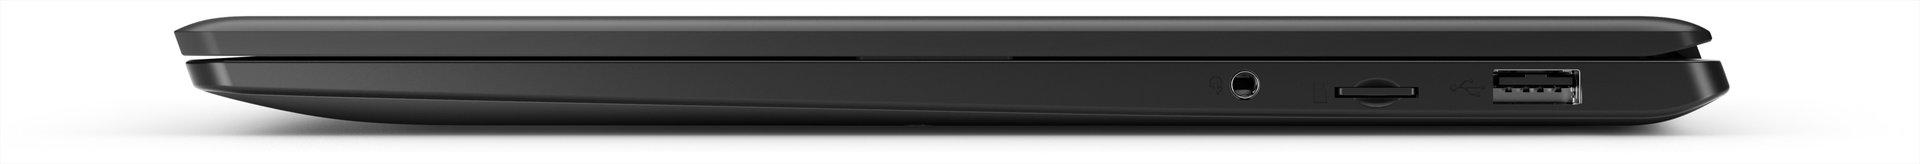 Klinke, microSD-Kartenleser und USB Typ A (3.1 Gen 1)